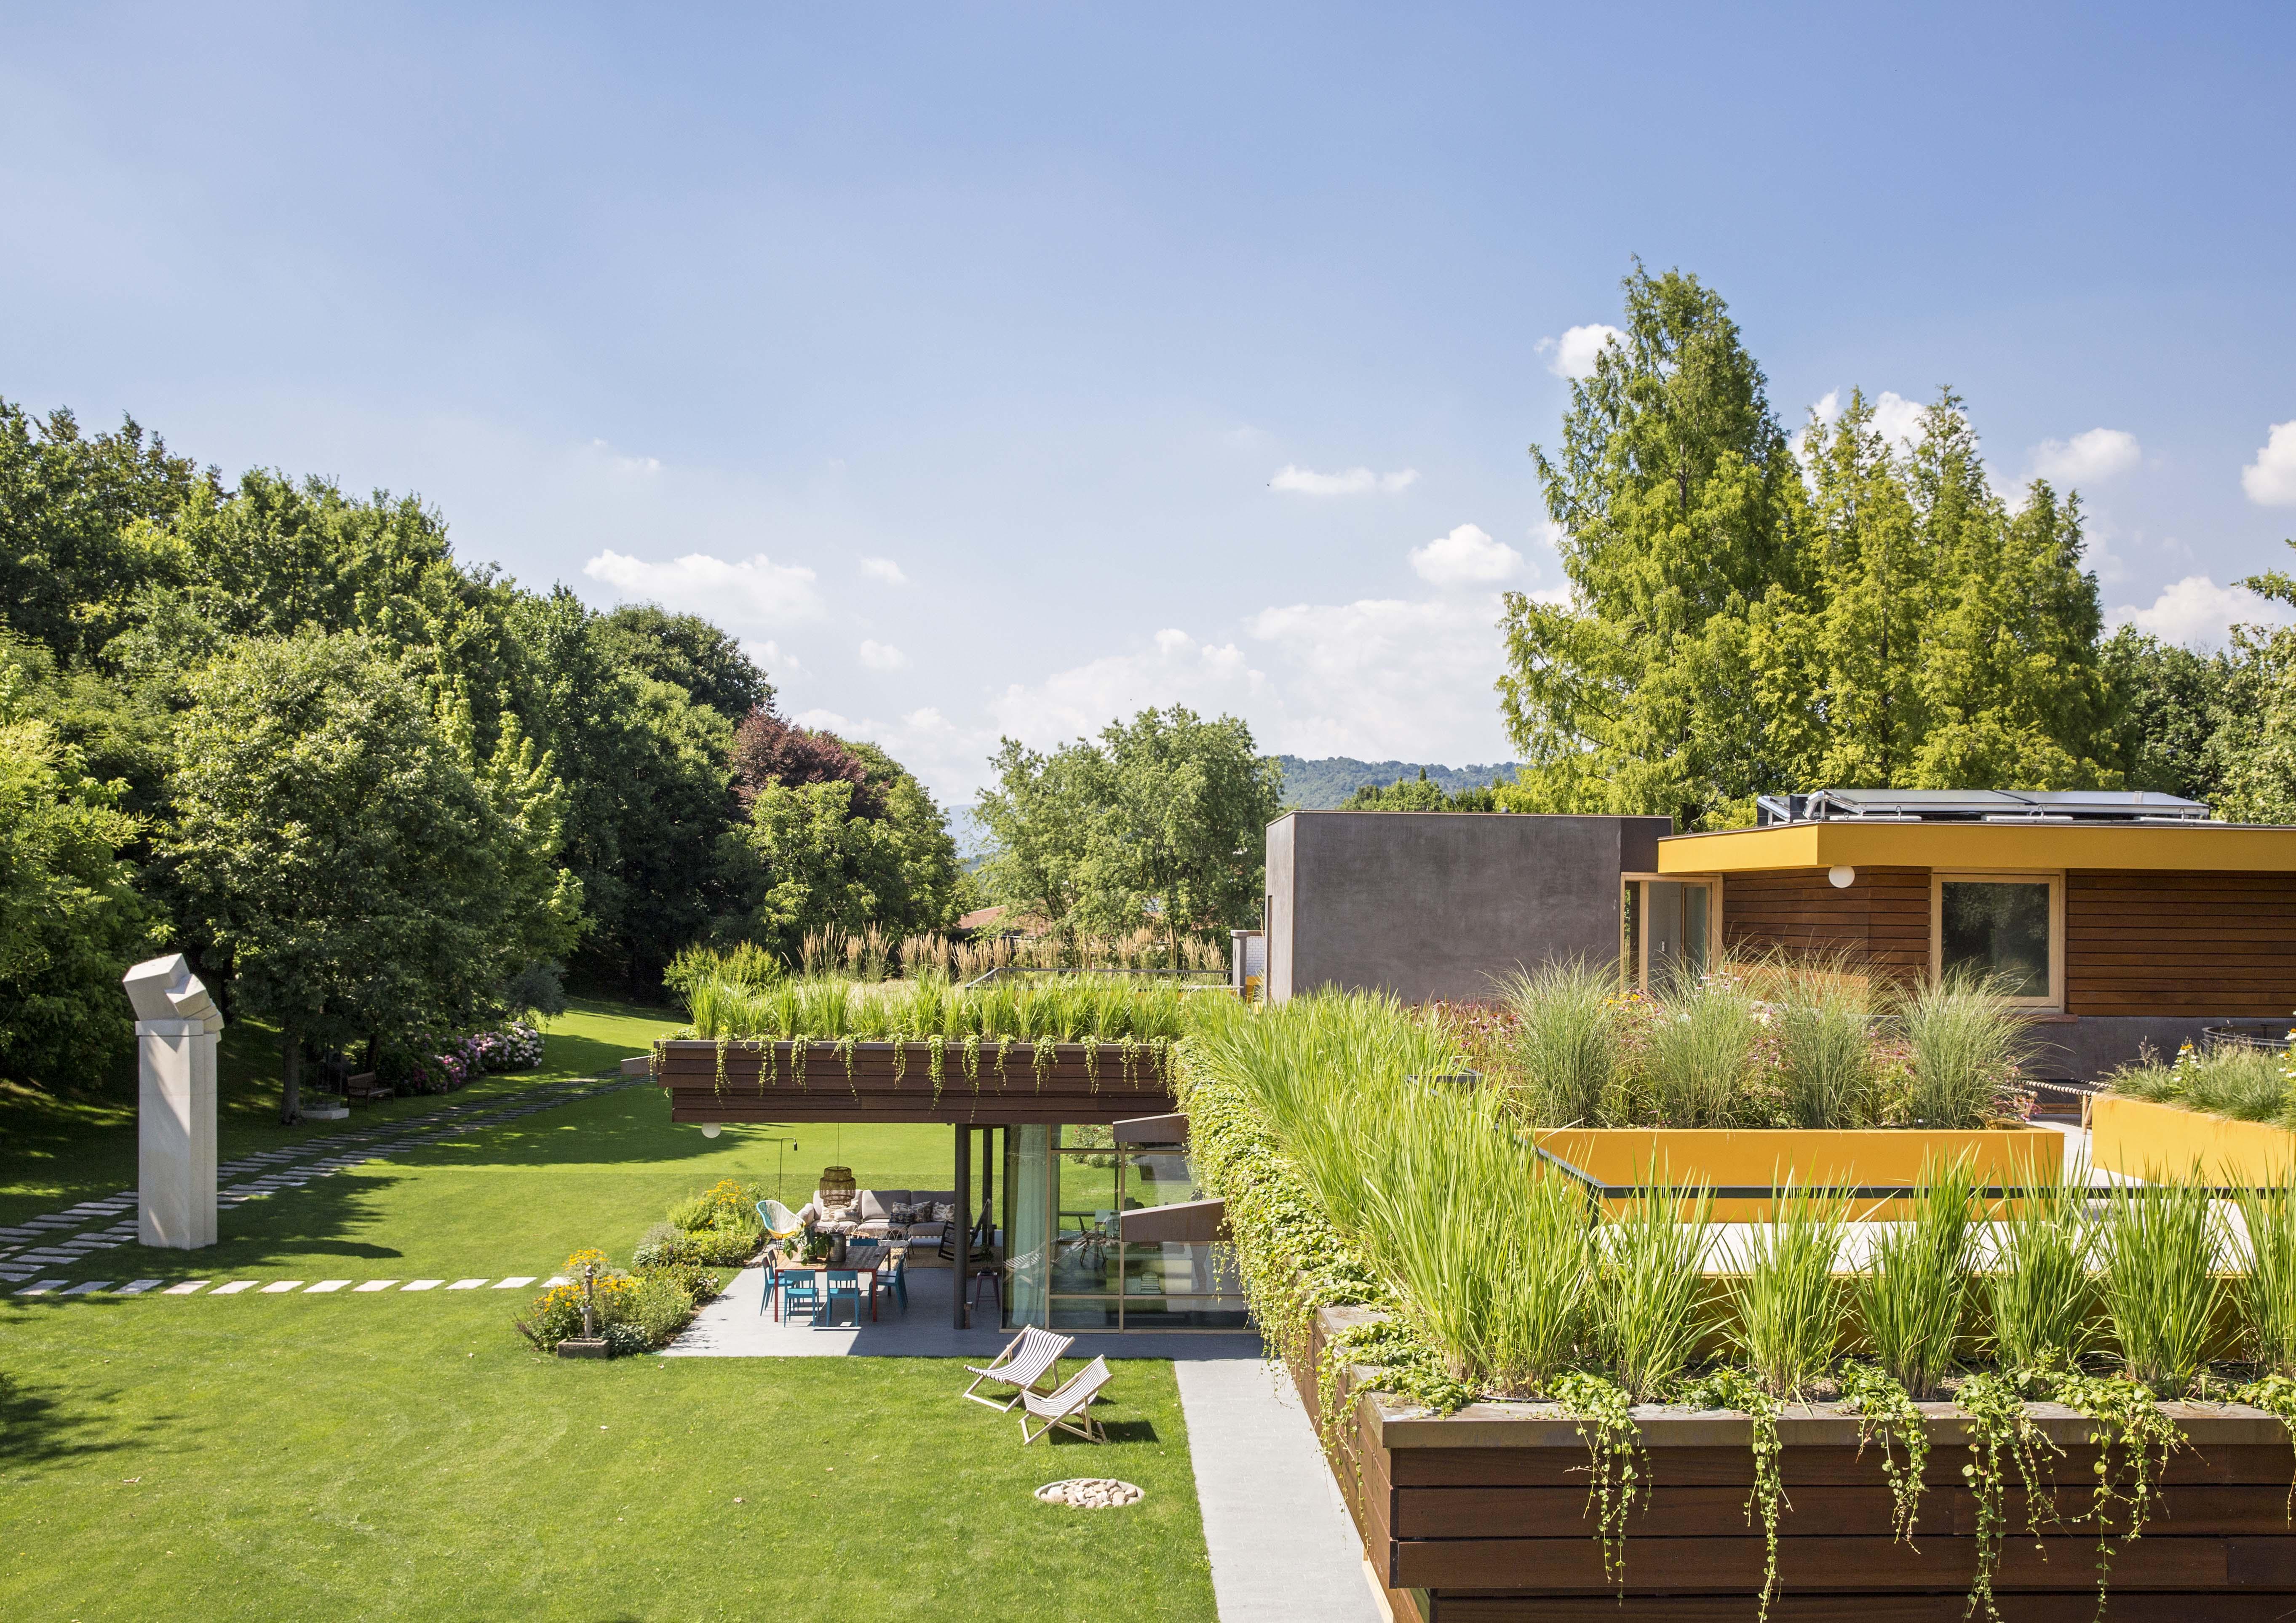 Elegant casa vf una perfetta simbiosi con la natura with for Che disegna progetti per le case